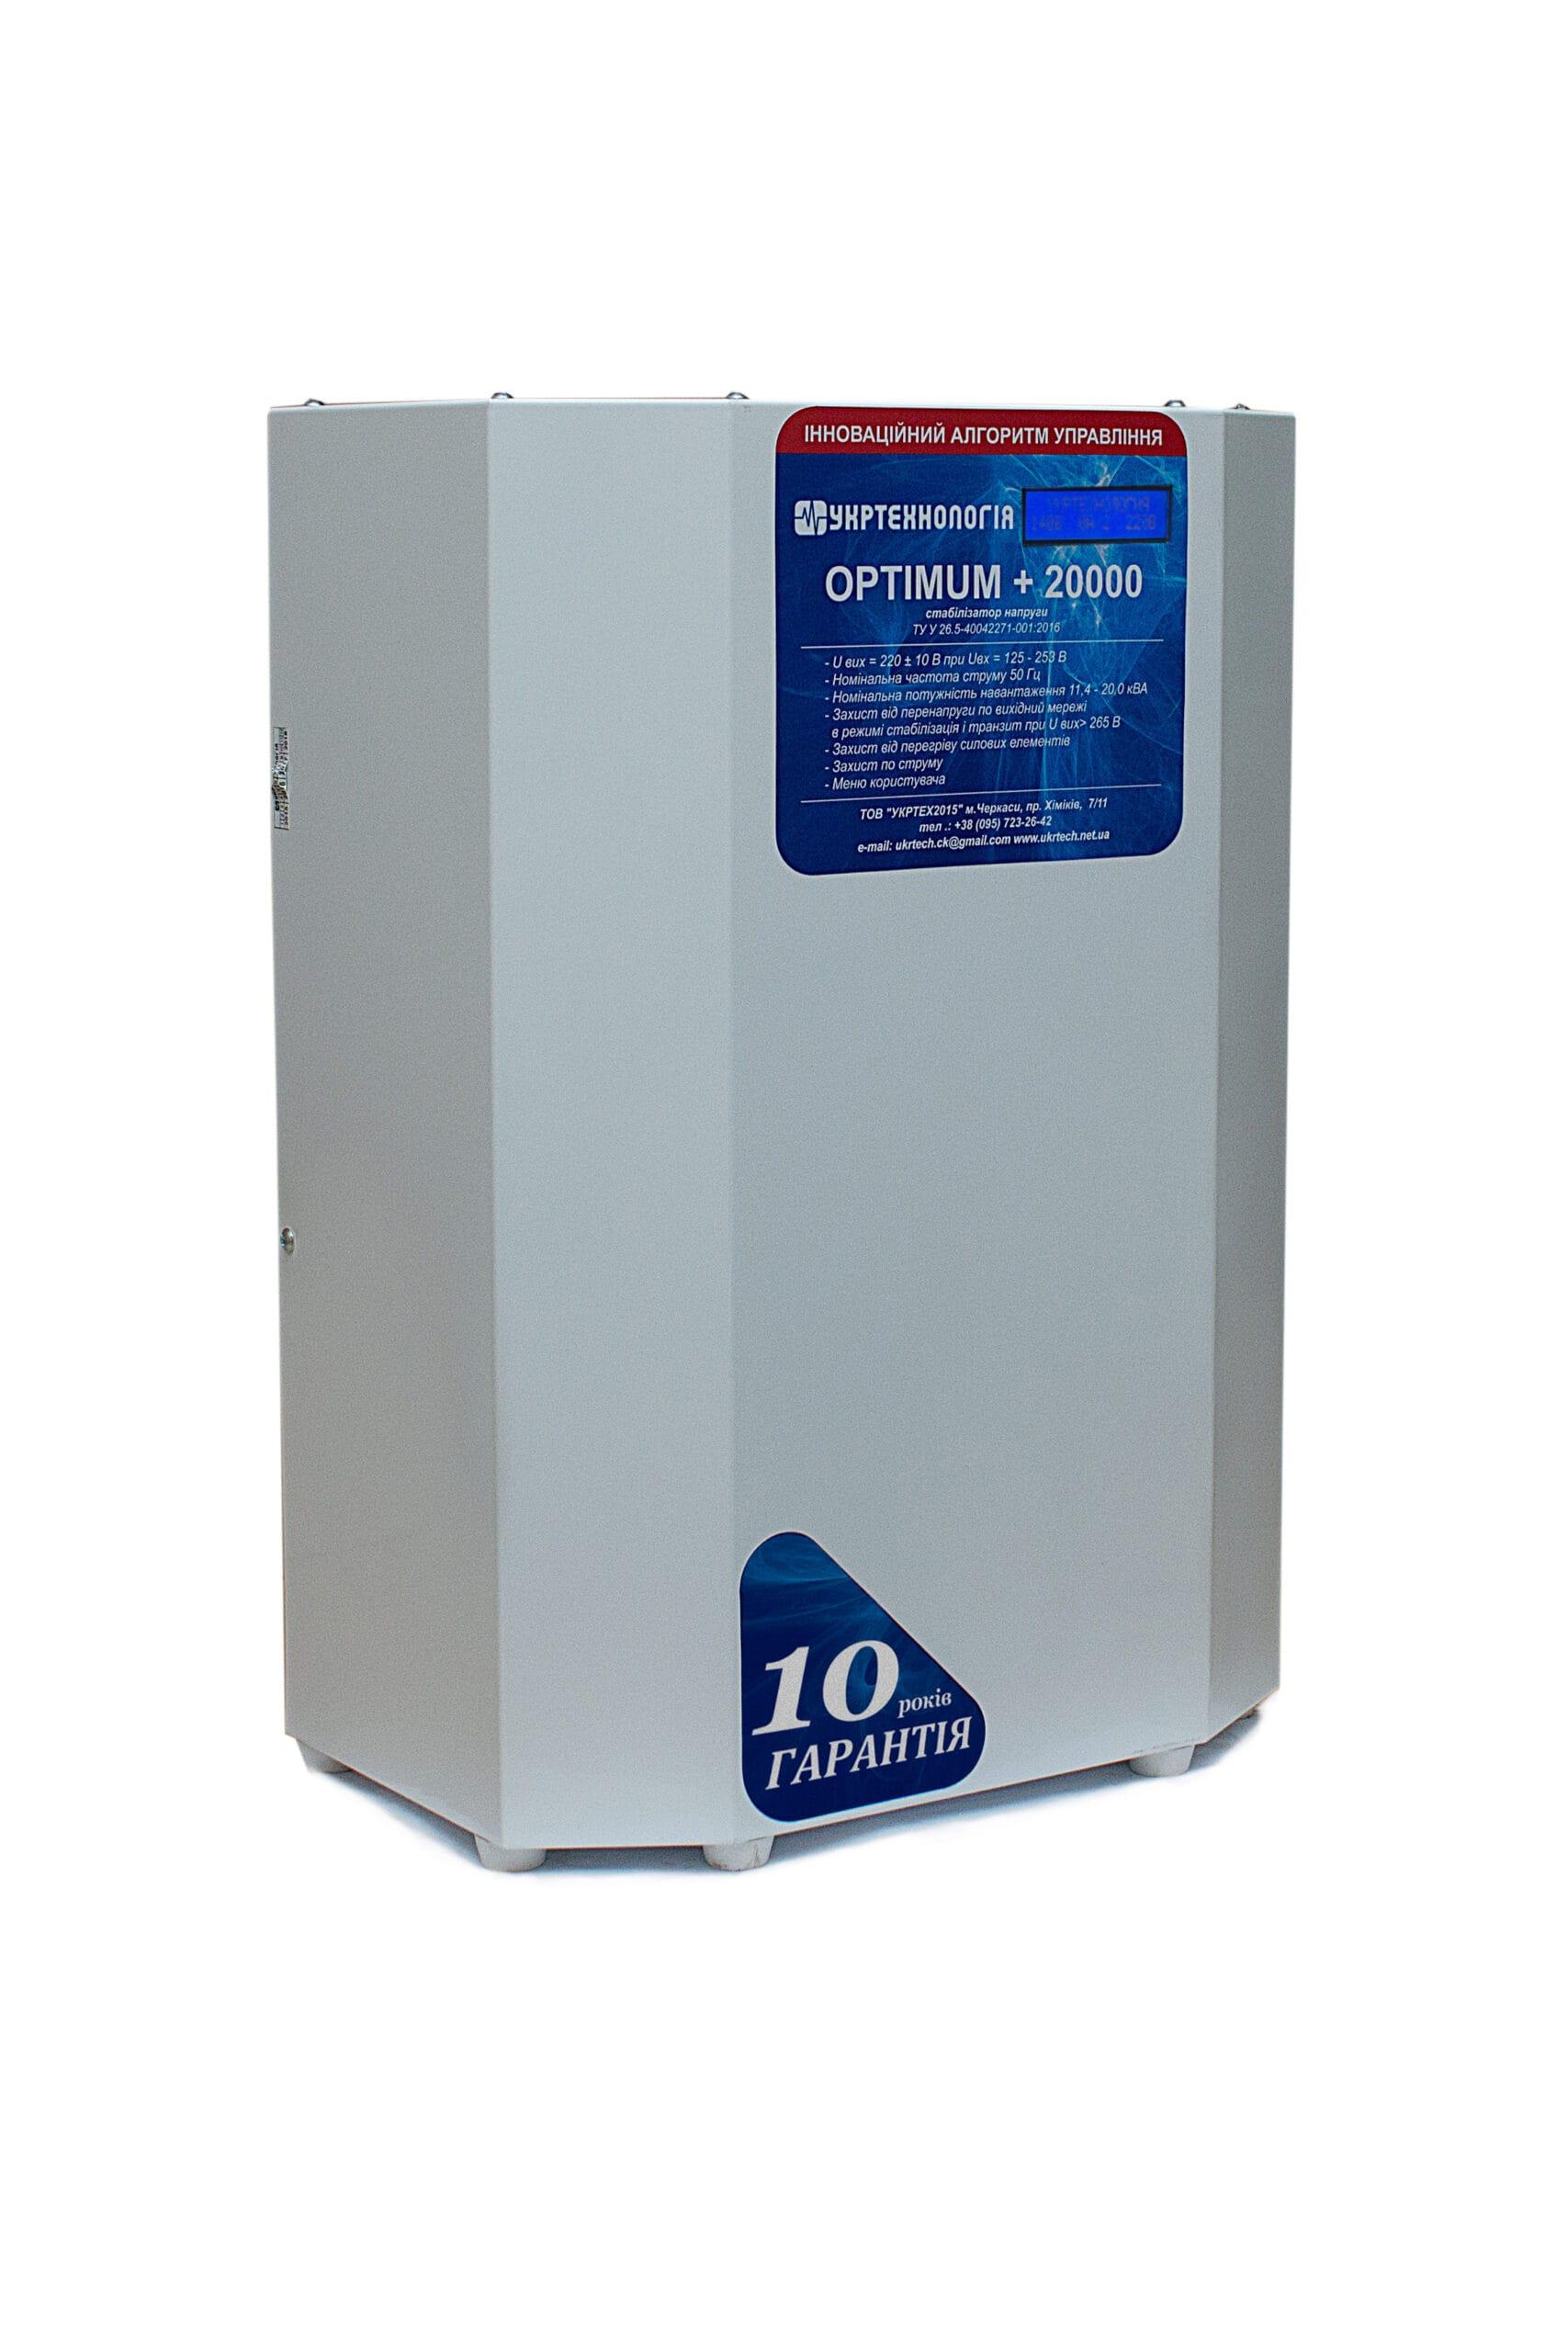 Стабилизаторы напряжения - Стабилизатор напряжения 20 кВт OPTIMUM 000001388 - Фото 2